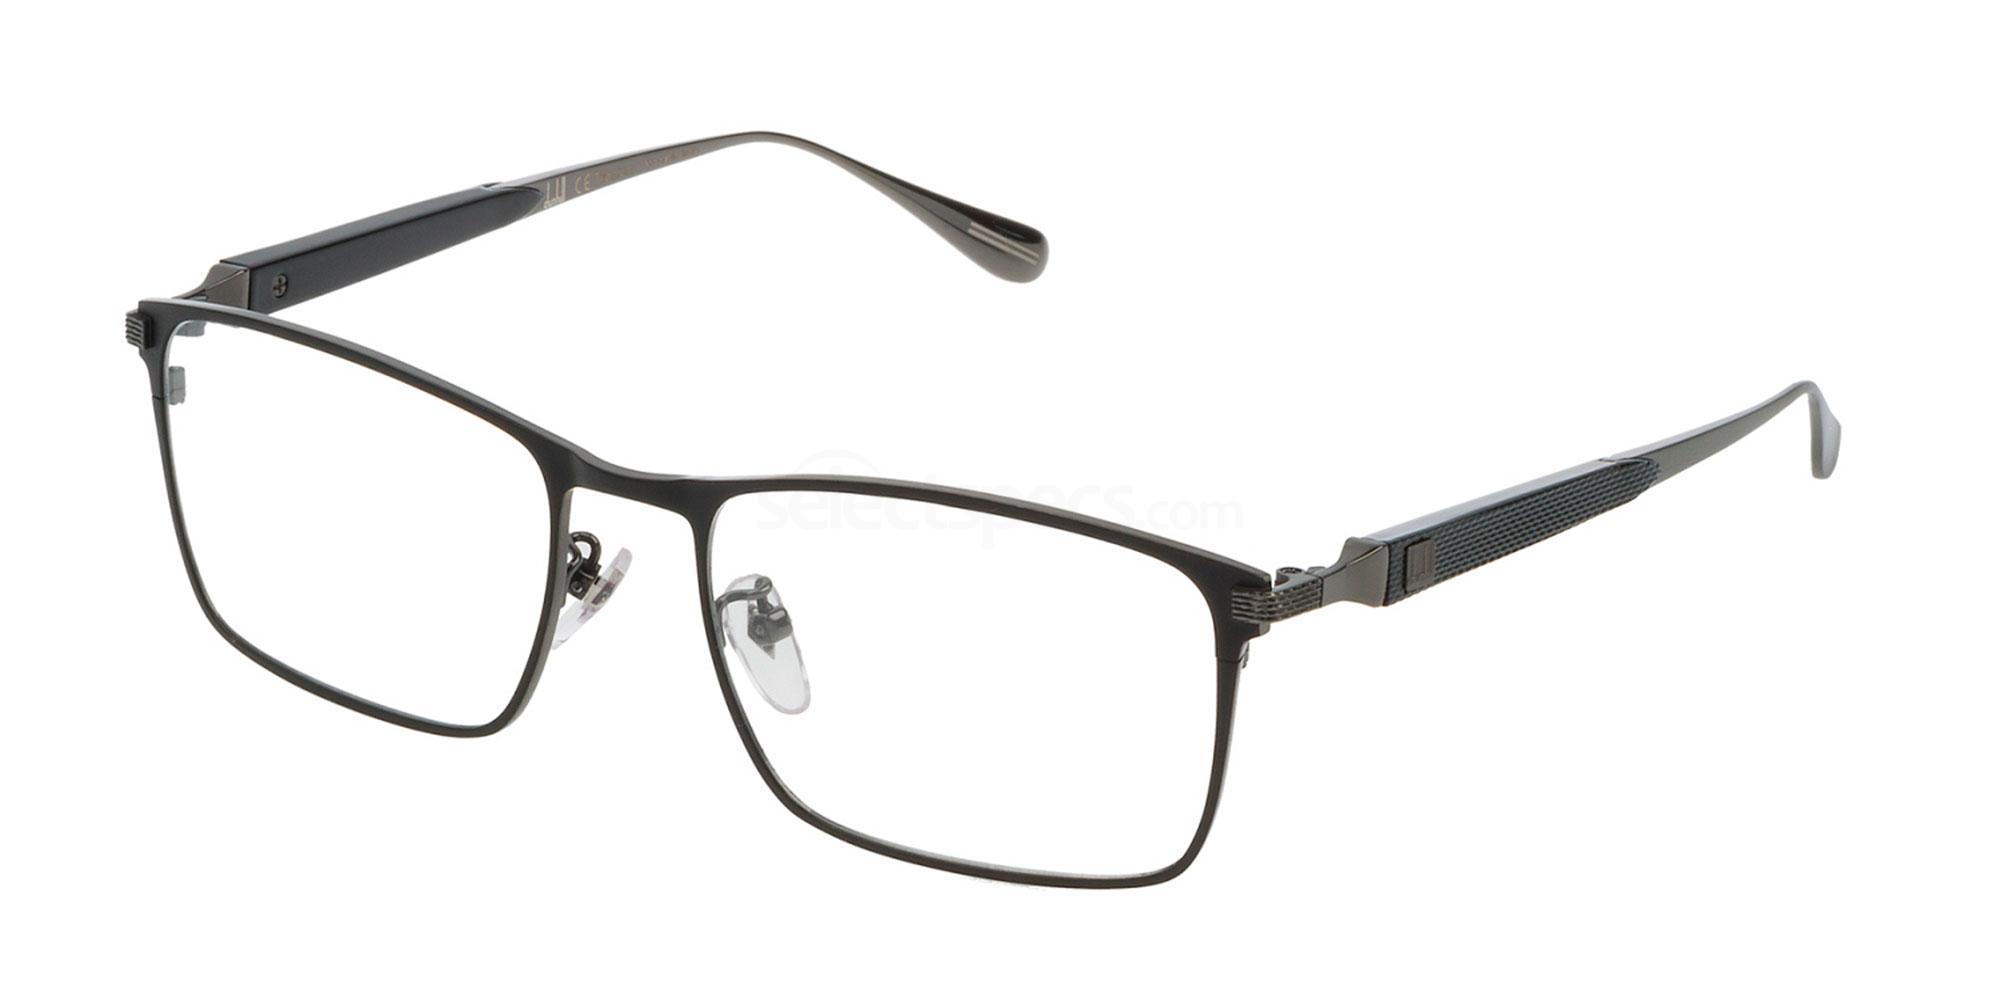 0508 VDH112M Glasses, Dunhill London